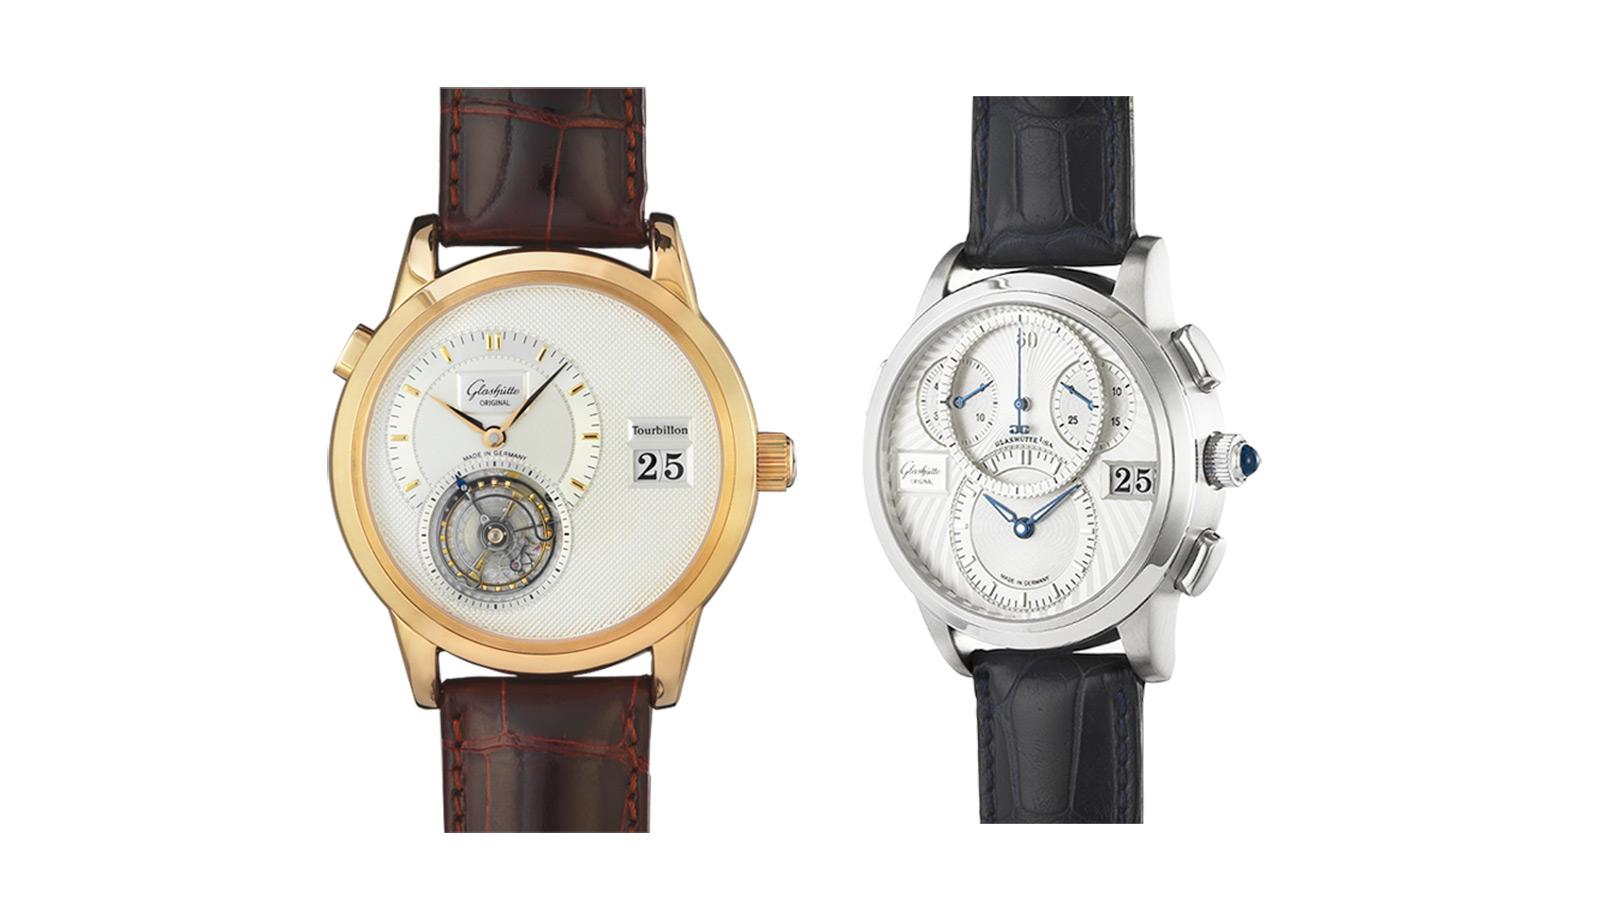 Productfotografie_portfolio_horloge